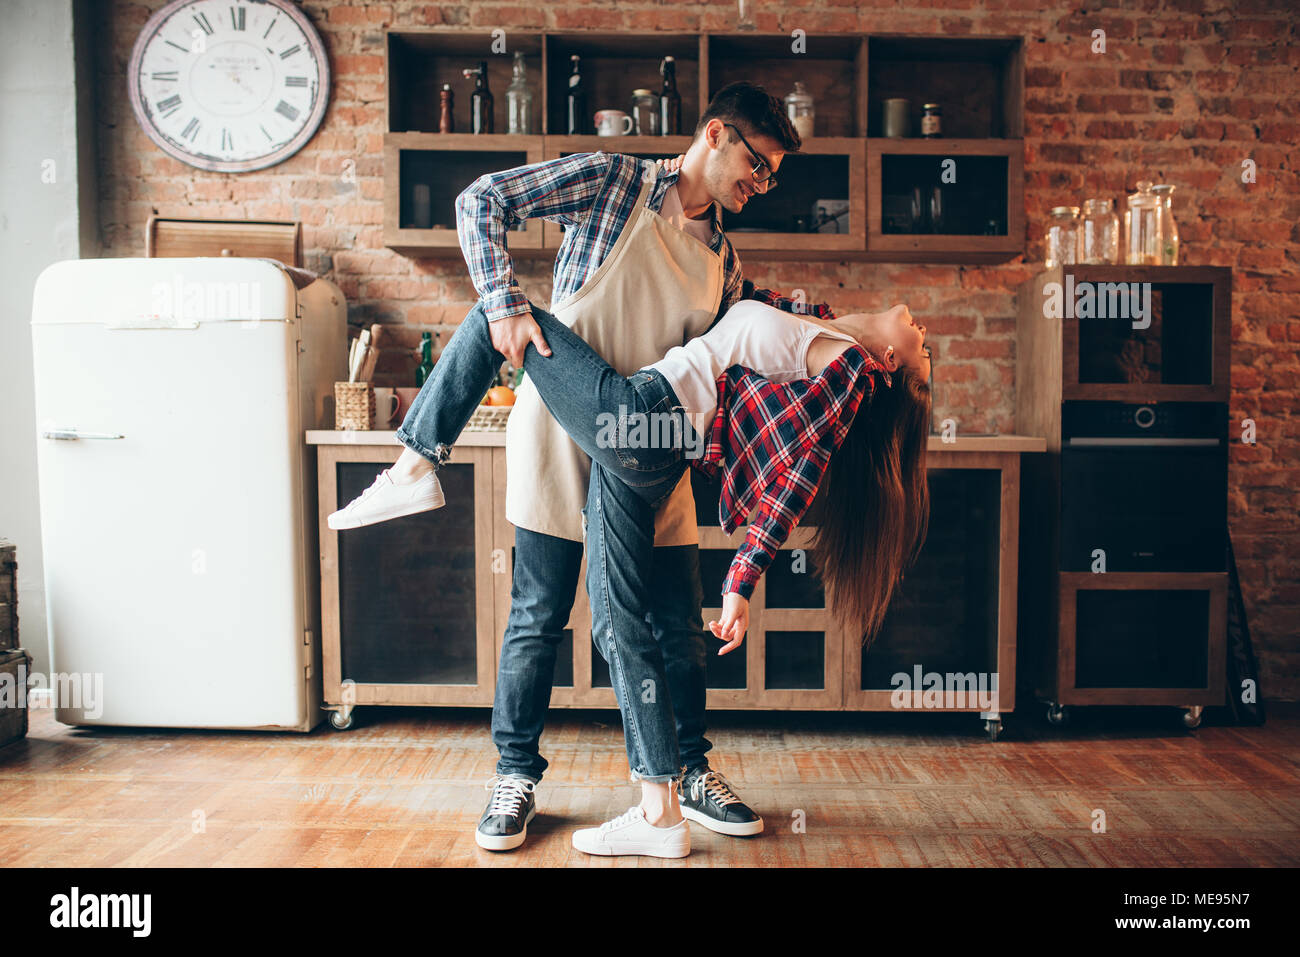 Verspielte Liebe paar Posen auf der Küche. Mann in Schürze und junge ...